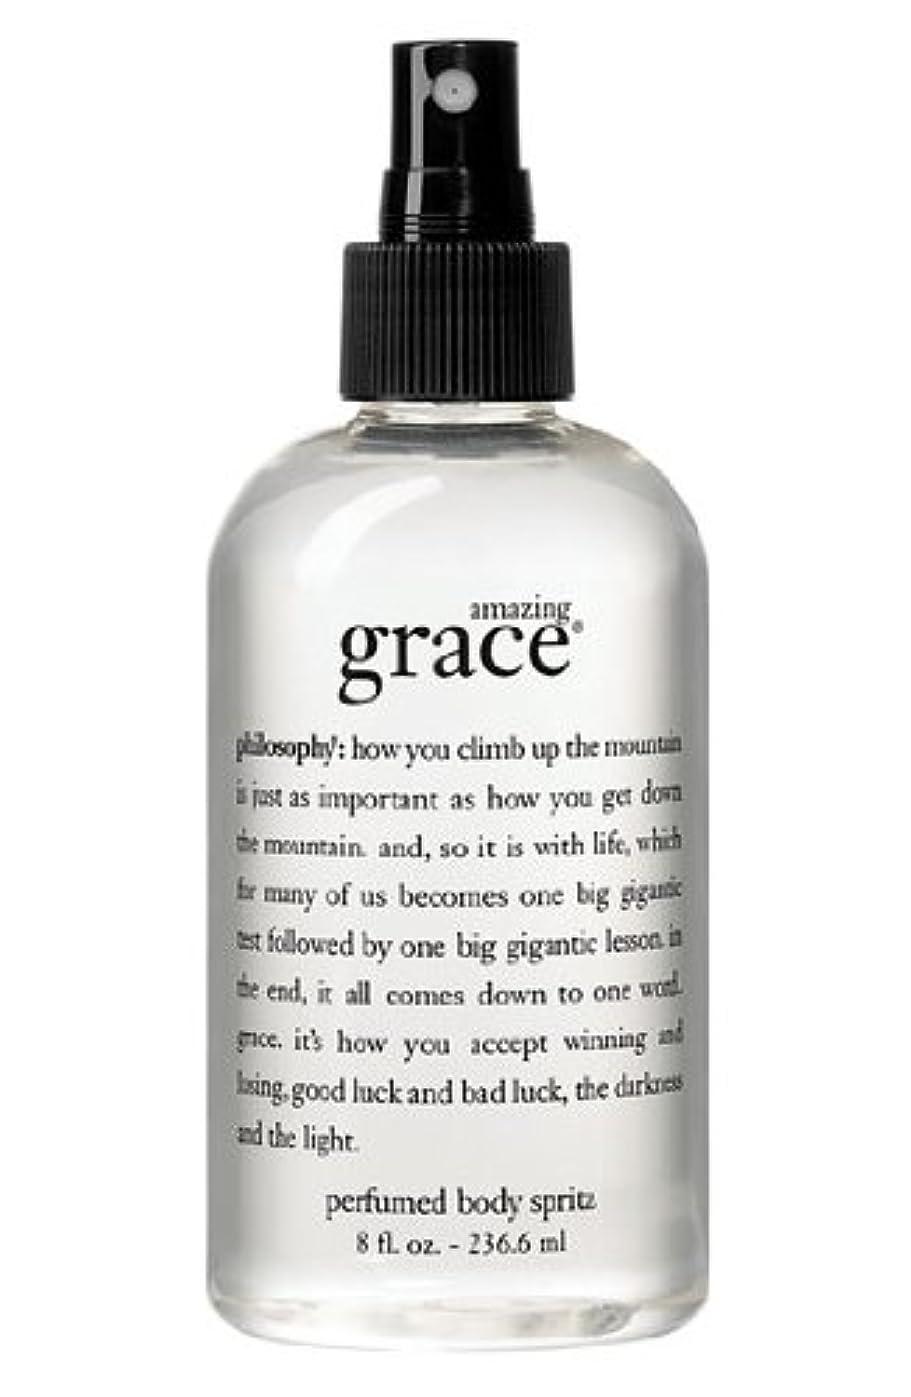 訪問契約した詐欺amazing grace perfumed body spritz (アメイジング グレイス パフュームドボディースプリッツ) 8.0 oz (240ml) for Women